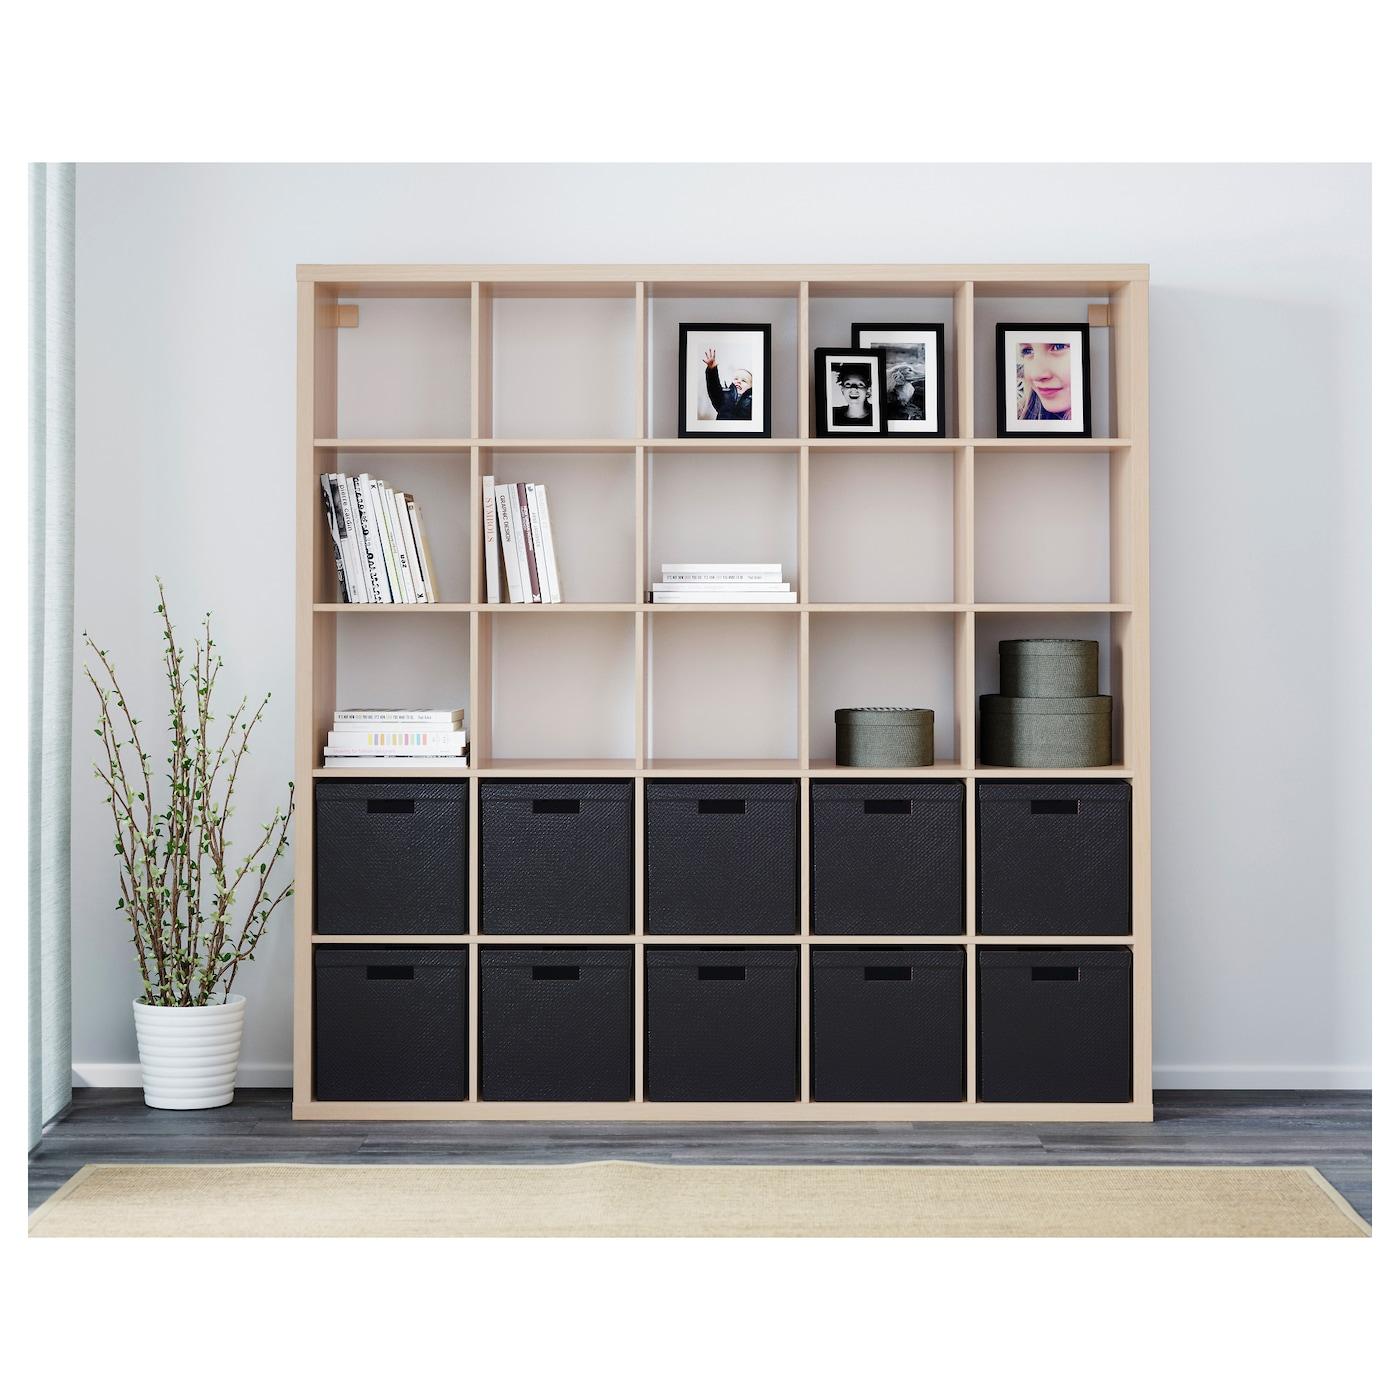 ikea home 90324509. Black Bedroom Furniture Sets. Home Design Ideas